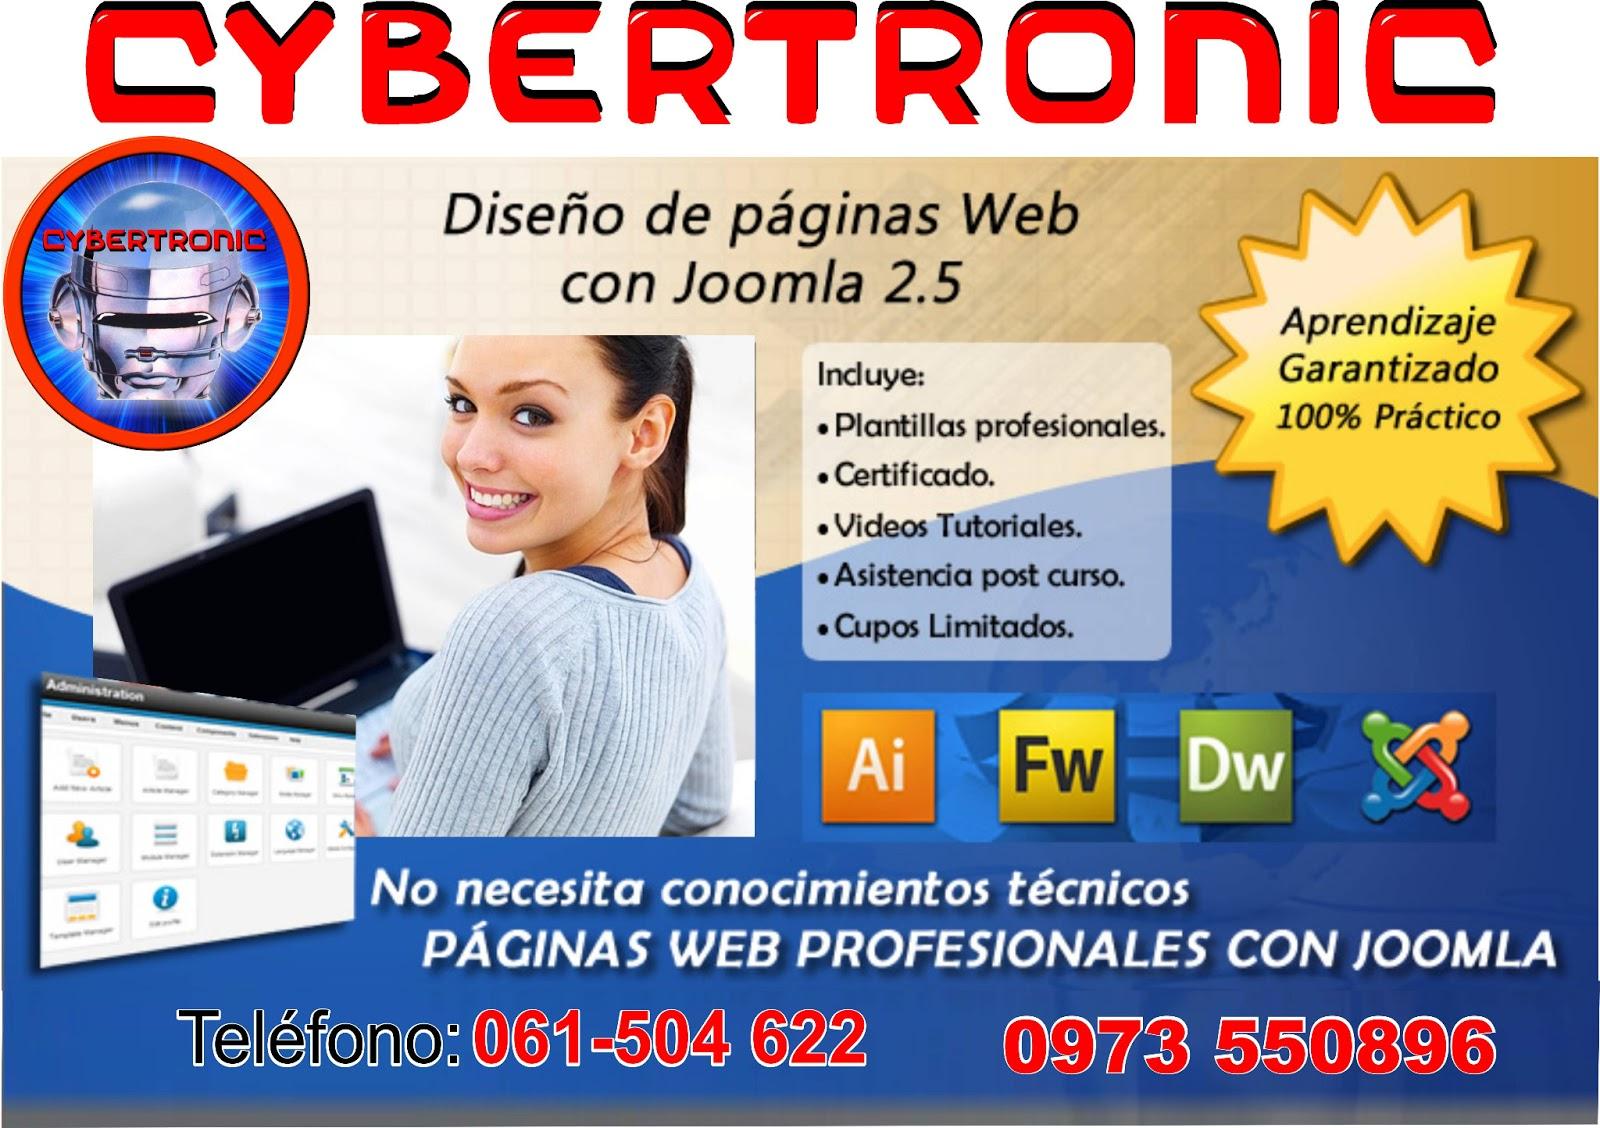 http://1.bp.blogspot.com/-4d8S0YVDxfA/UQ_KFsK1DQI/AAAAAAAAD_I/uxKU9qYEUdU/s1600/curso%2Bde%2Bdise%C3%B1o%2Bweb.jpg